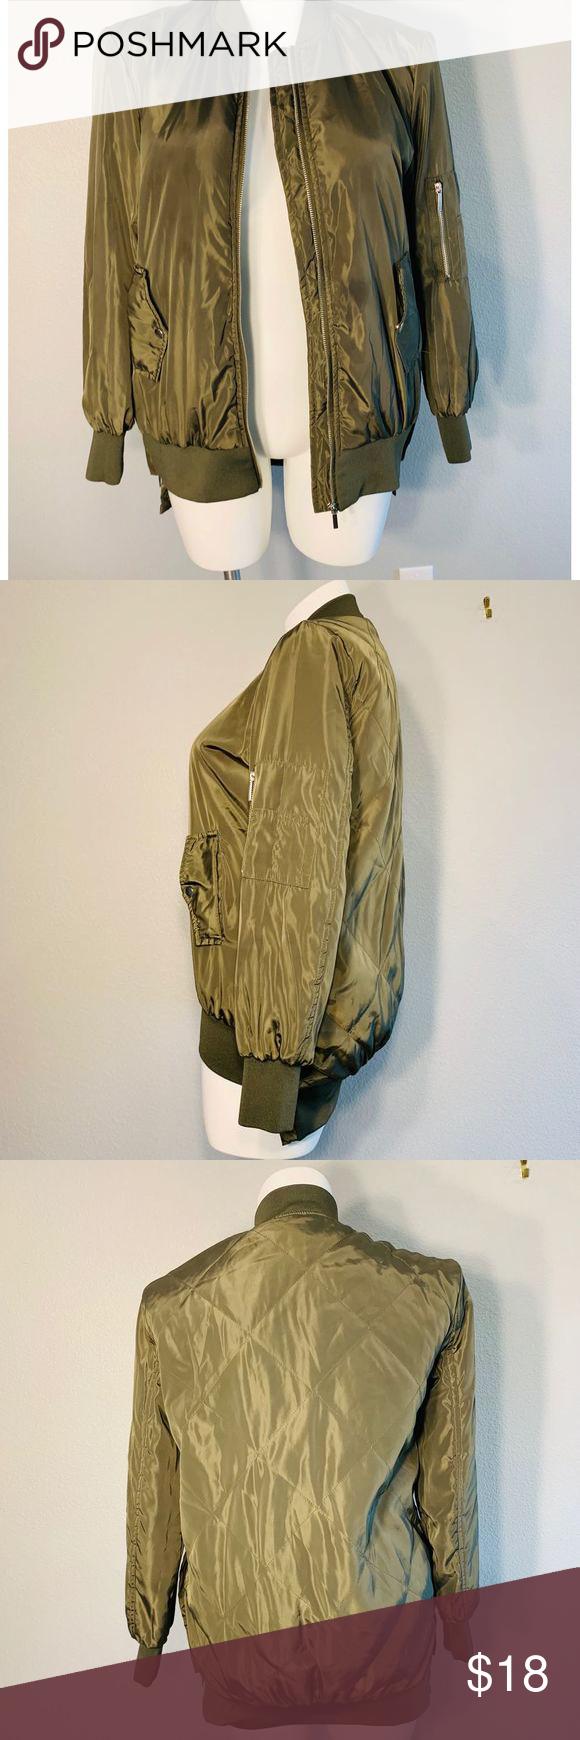 Yoki Outerwear Collection Jacket Clothes Design Fashion Fashion Design [ 1740 x 580 Pixel ]